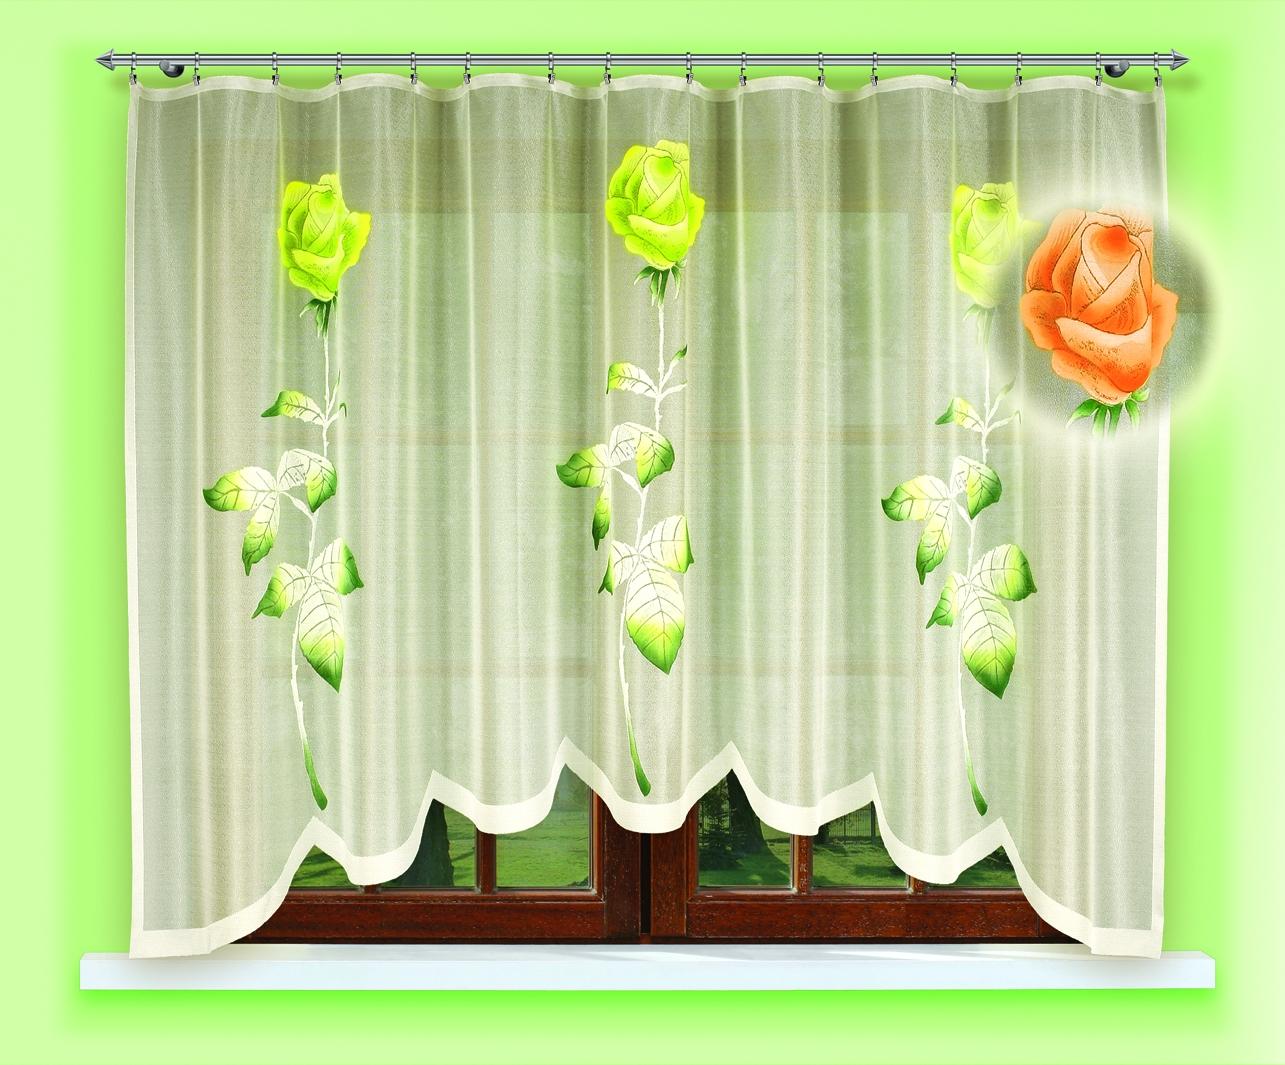 Гардина Haft, цвет: зеленый, 160 х 300. 54550/160 зеленыйDW90Гардина Haft изготовленная из полиэстера, станет изюминкой интерьера вашей комнаты.